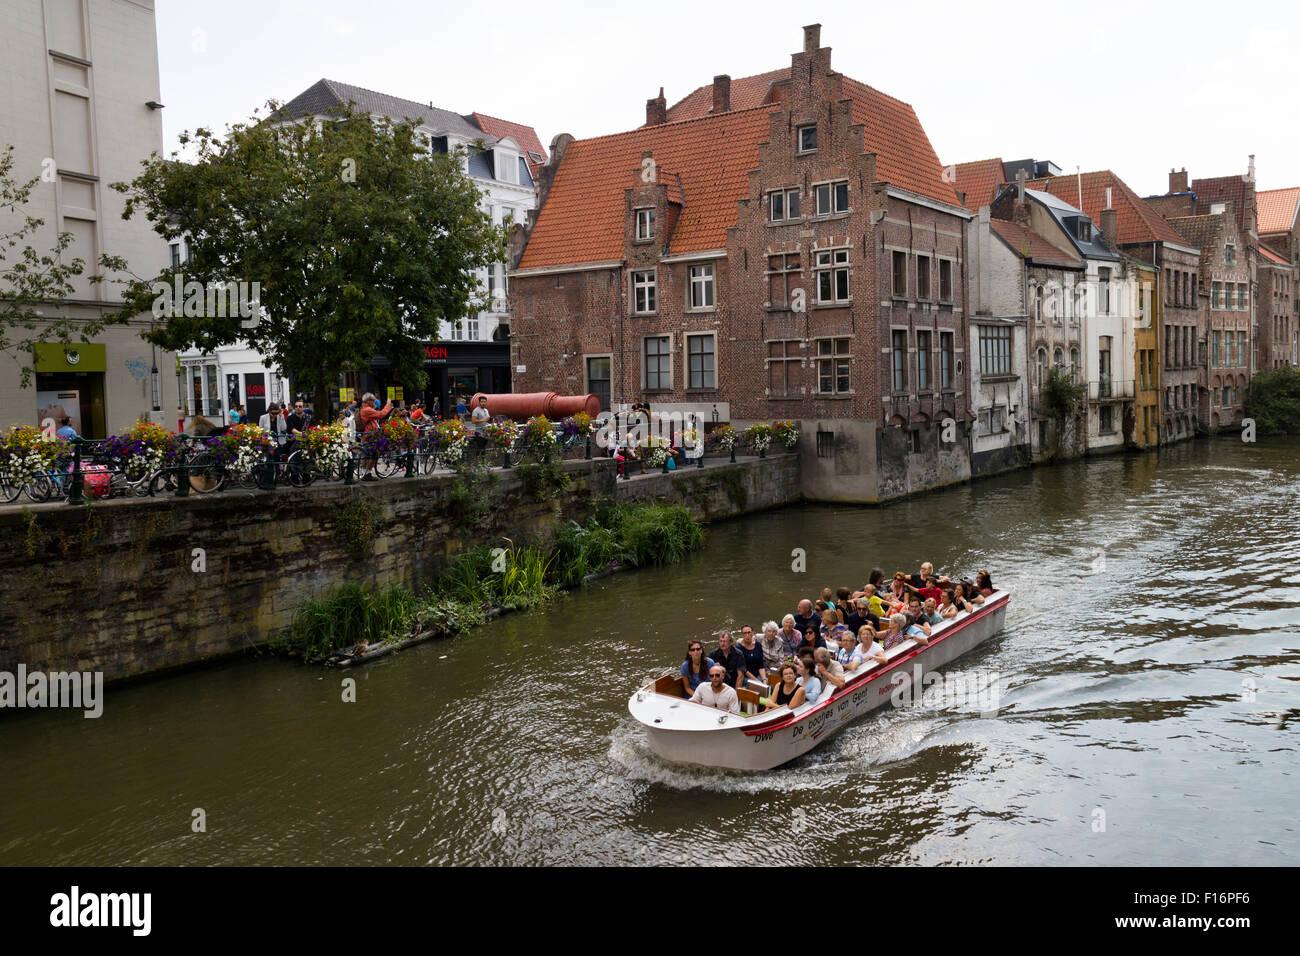 Bateau avec les touristes sur la rivière Lye dans Ghend, Belgique Photo Stock